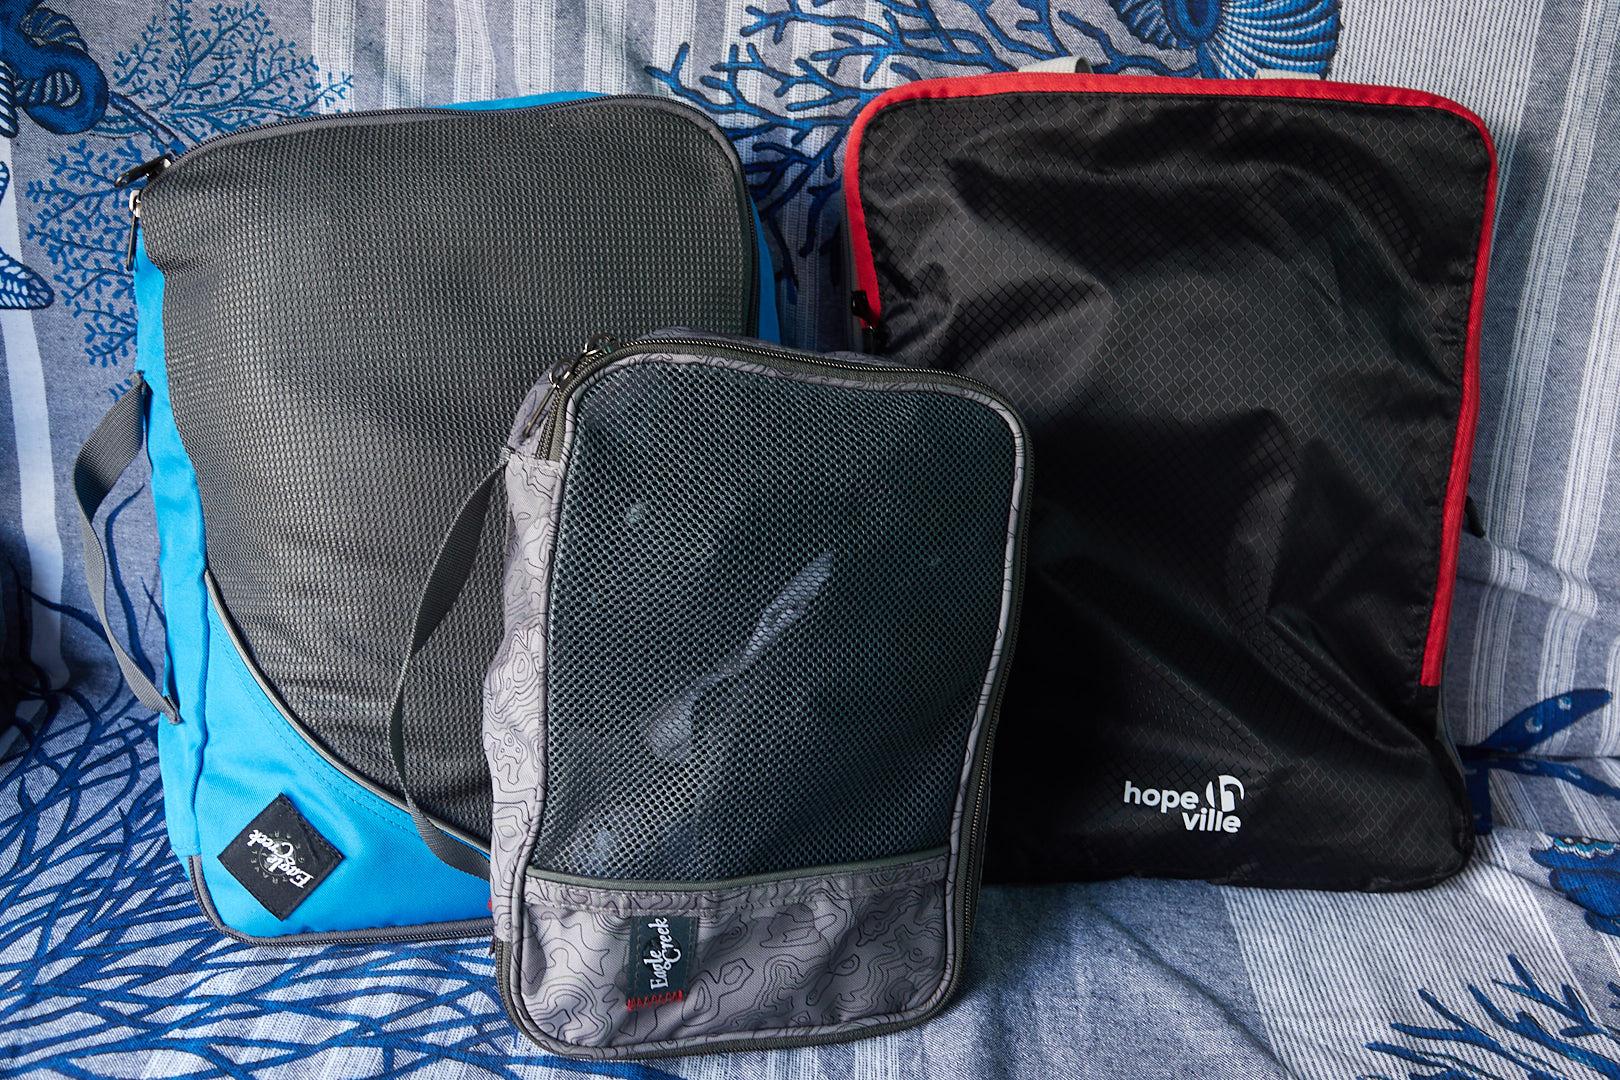 Unterwegs immer mit dabei - Meine liebsten Reise-Gadgets